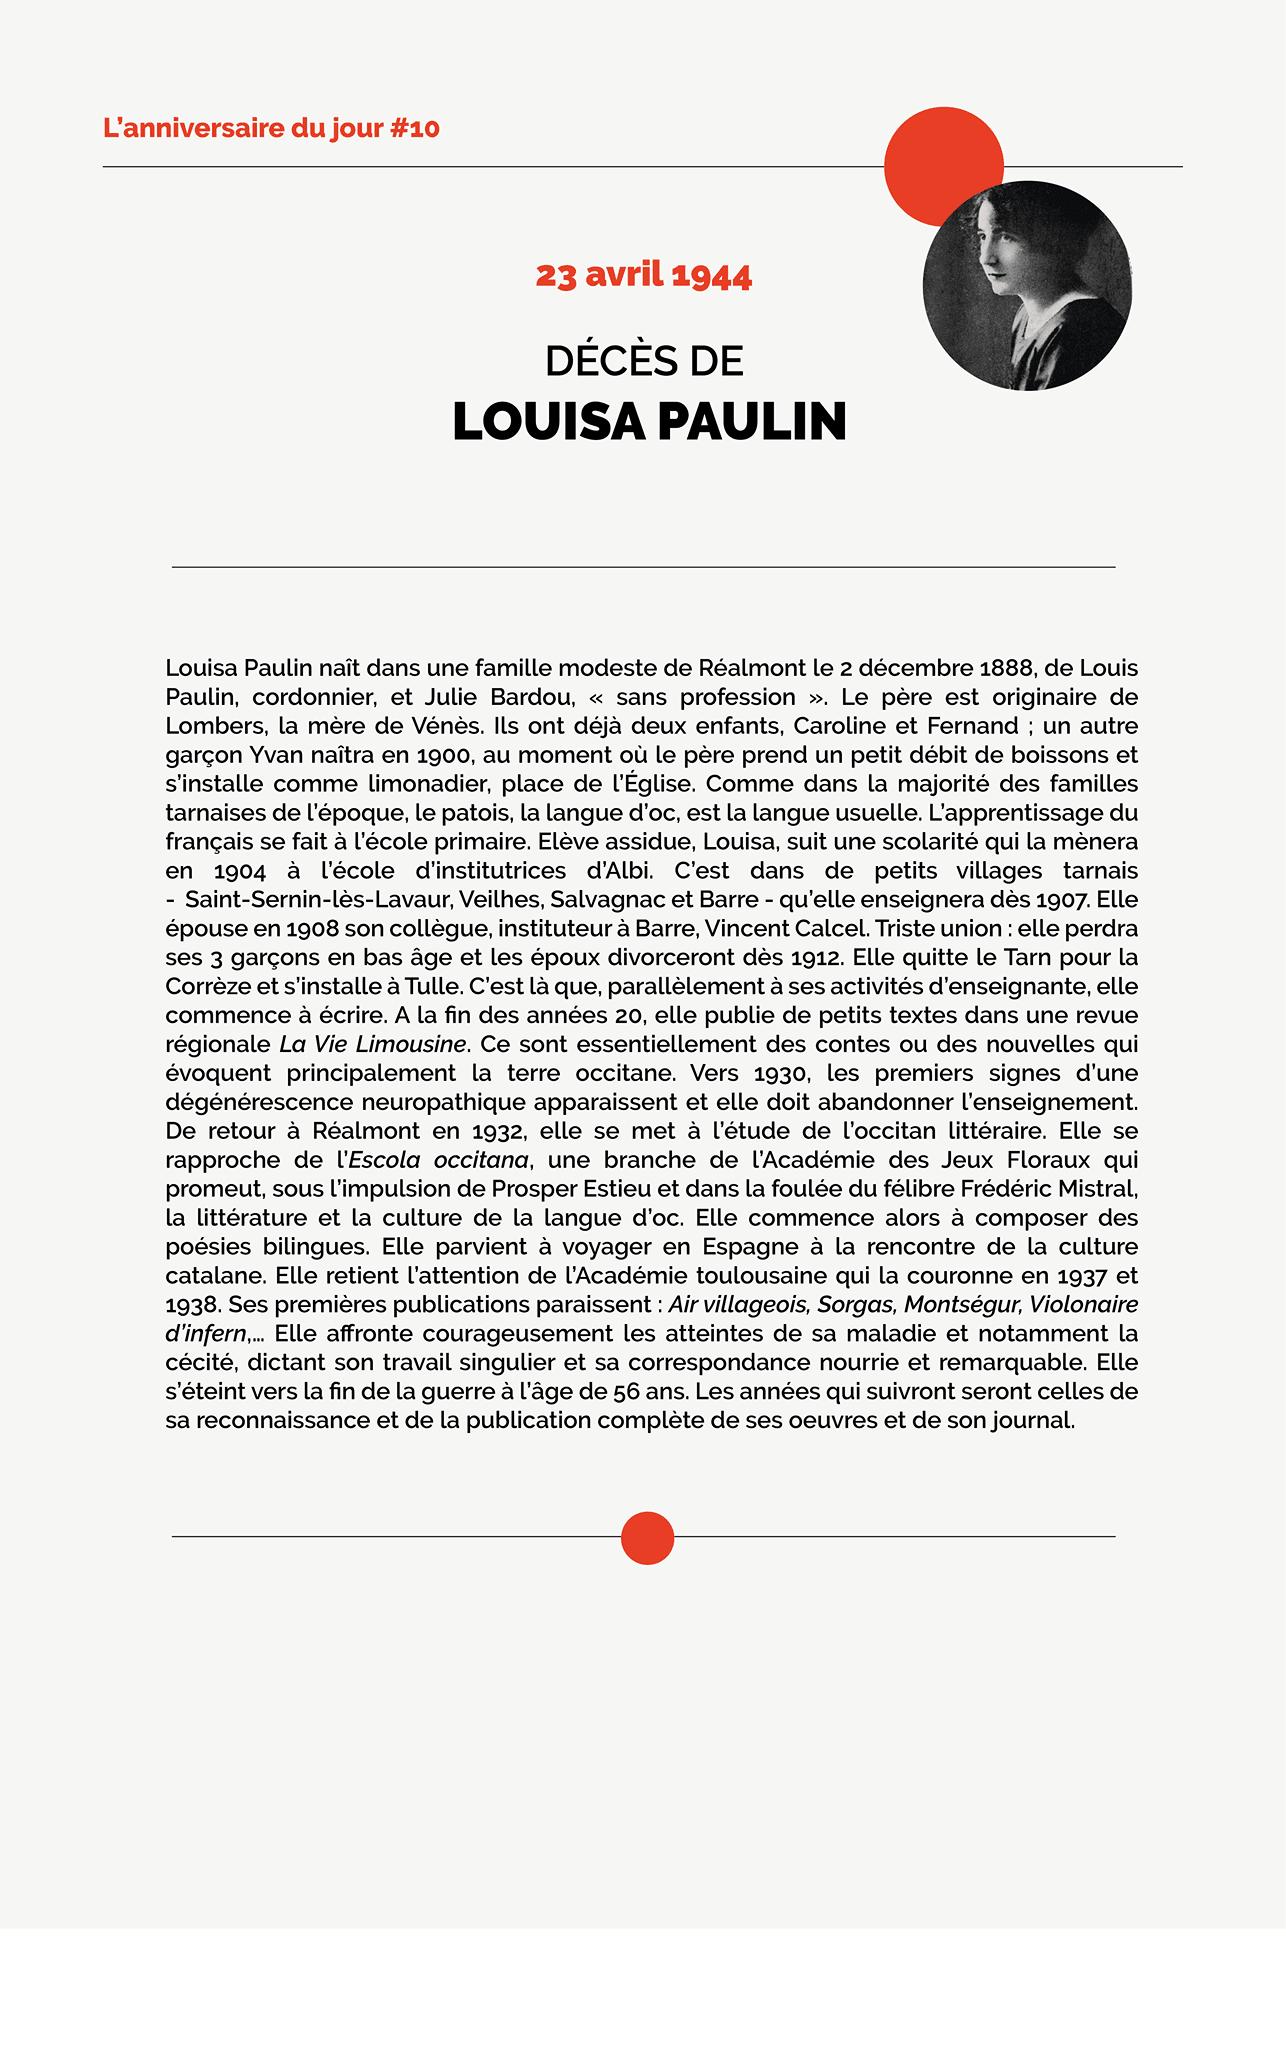 Décès de Louisa Paulin